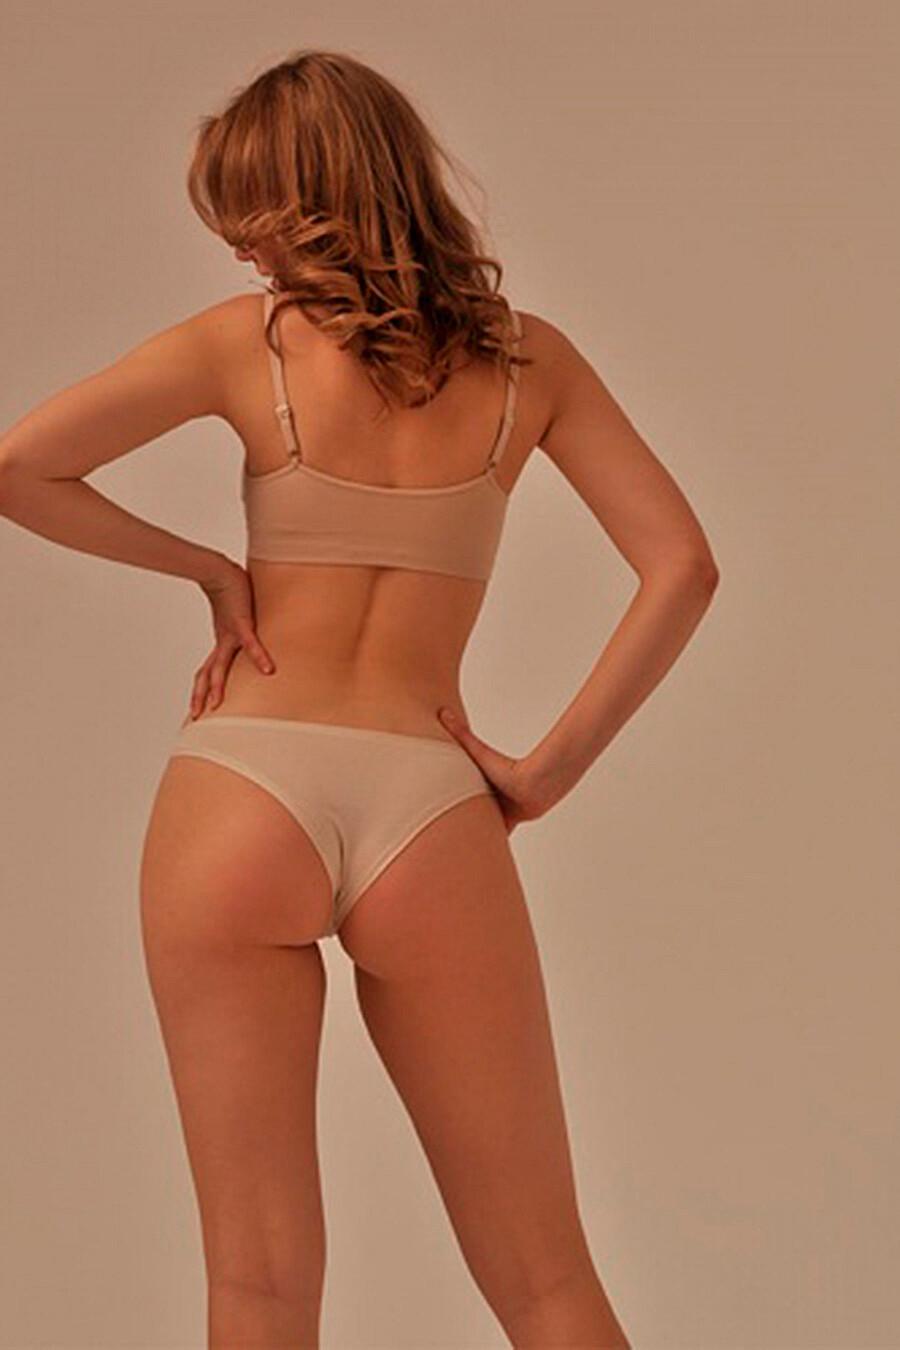 RP трусы DB002 BRASILIANO DONNA (3 шт.) (4/32) для женщин ROSSOPORPORA 334739 купить оптом от производителя. Совместная покупка женской одежды в OptMoyo